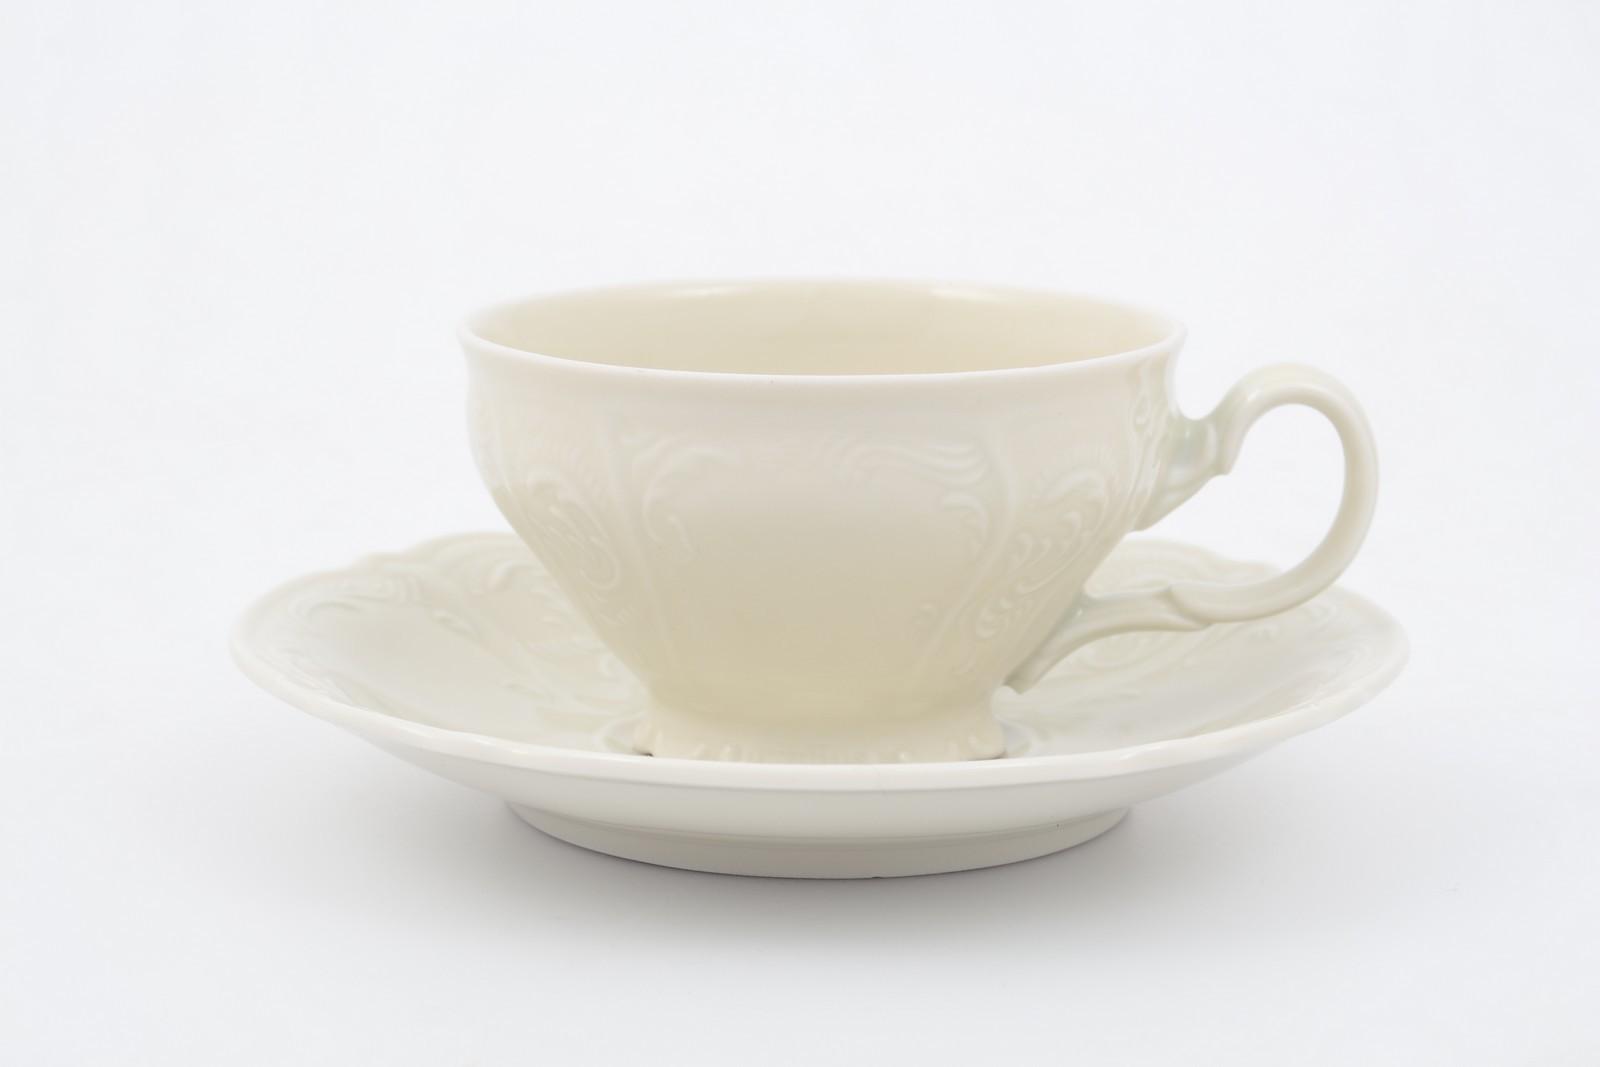 Набор чайных пар 220мл Бернадотт Недекорированный BE-IVORY (6 пар)31720Бренд Вernadotte покорил ценителей фарфора классическими наборами, созданными по старинным технологиям.Эта посуда наиболее приспособлена для постоянного использования.Отели, рестораны, гостиницы высоко ценят её за высокие прочностные характеристики. Главной ценностью фарфора является его внешний вид — это белый материал, часто с красивой росписью. Благодаря тому, что материал может быть сравнительно тонким, посуда выглядит особенно изящной.